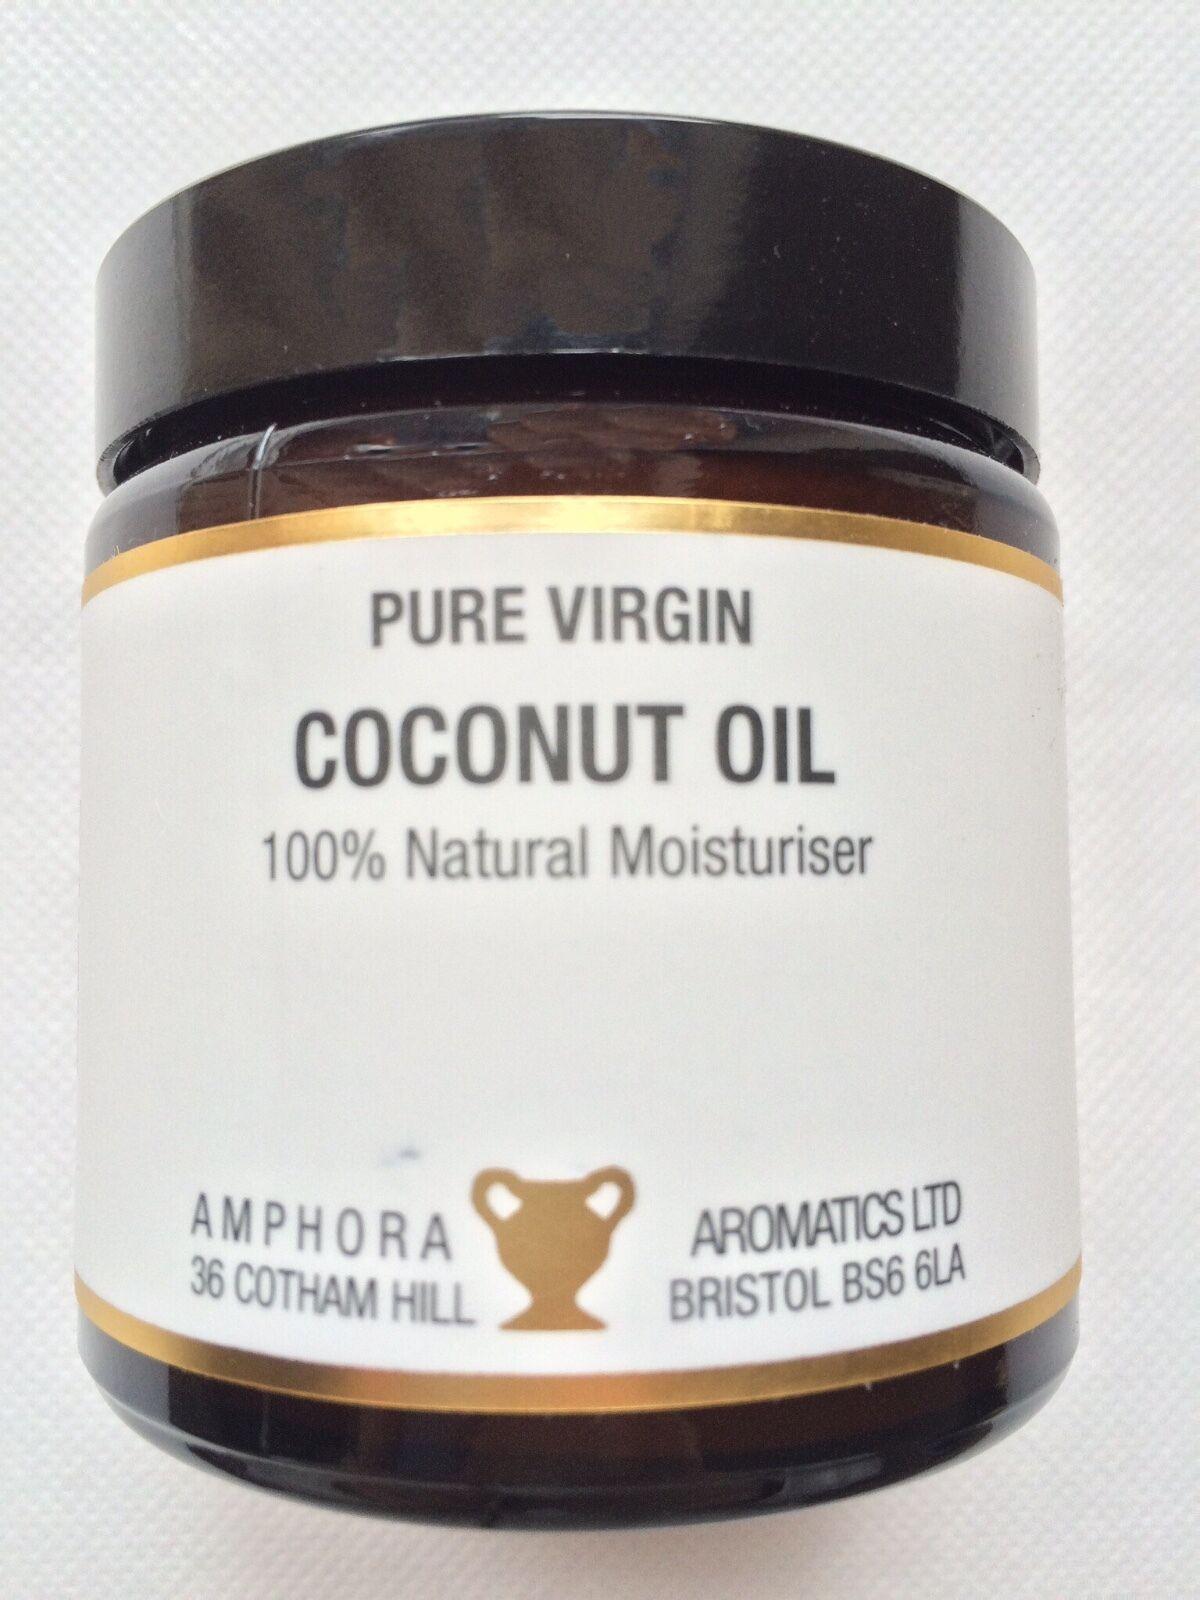 Pure Jungfrau Kokosöl Haar und Haut Feuchtigkeits und Massage after Sun Pflege